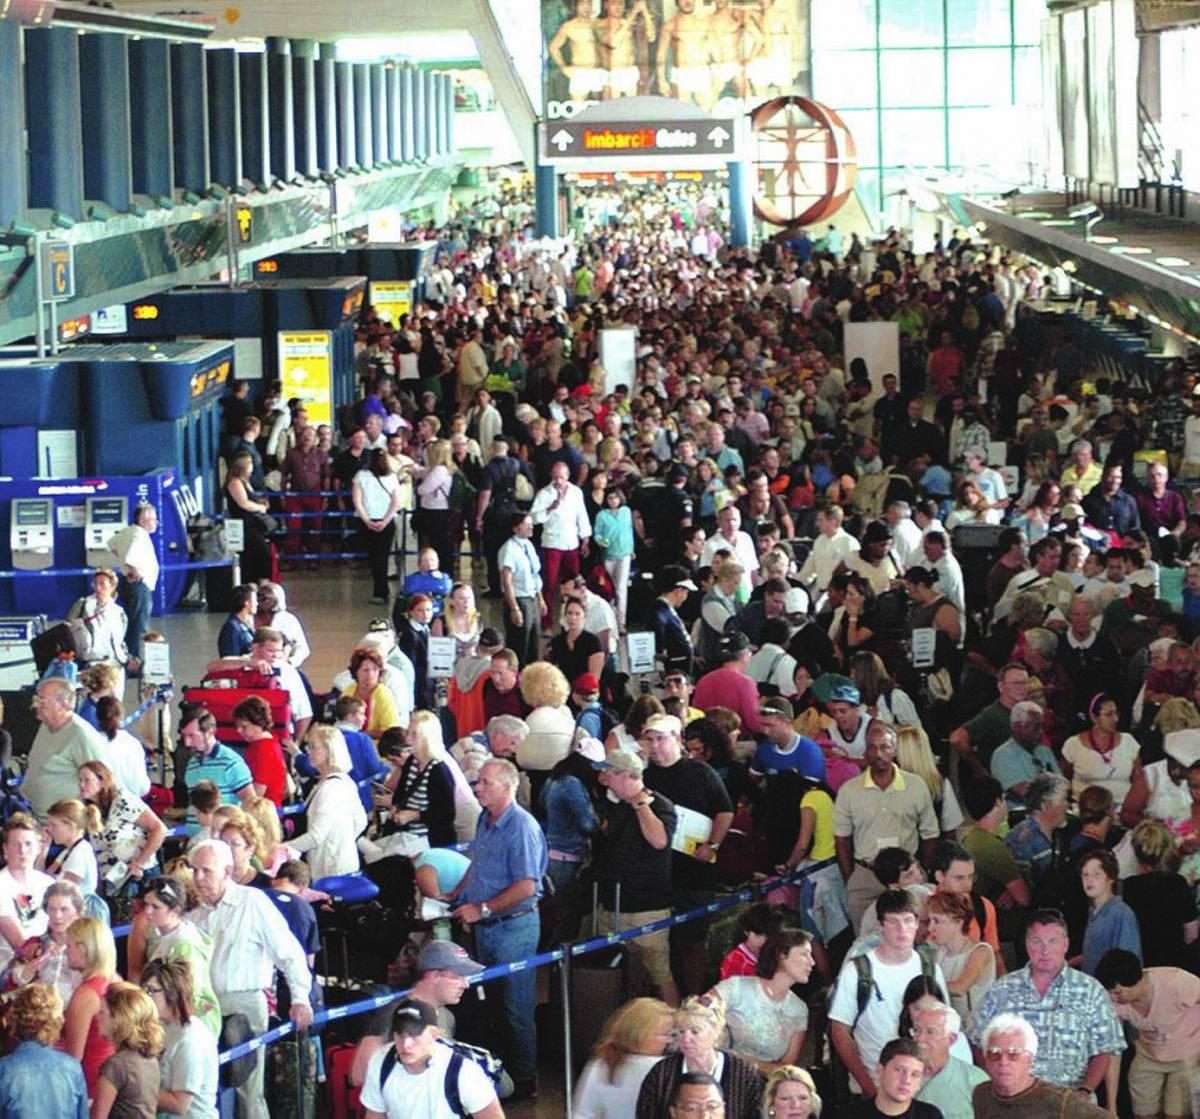 La paura non ferma i vacanzieri Giorni da record negli aeroporti